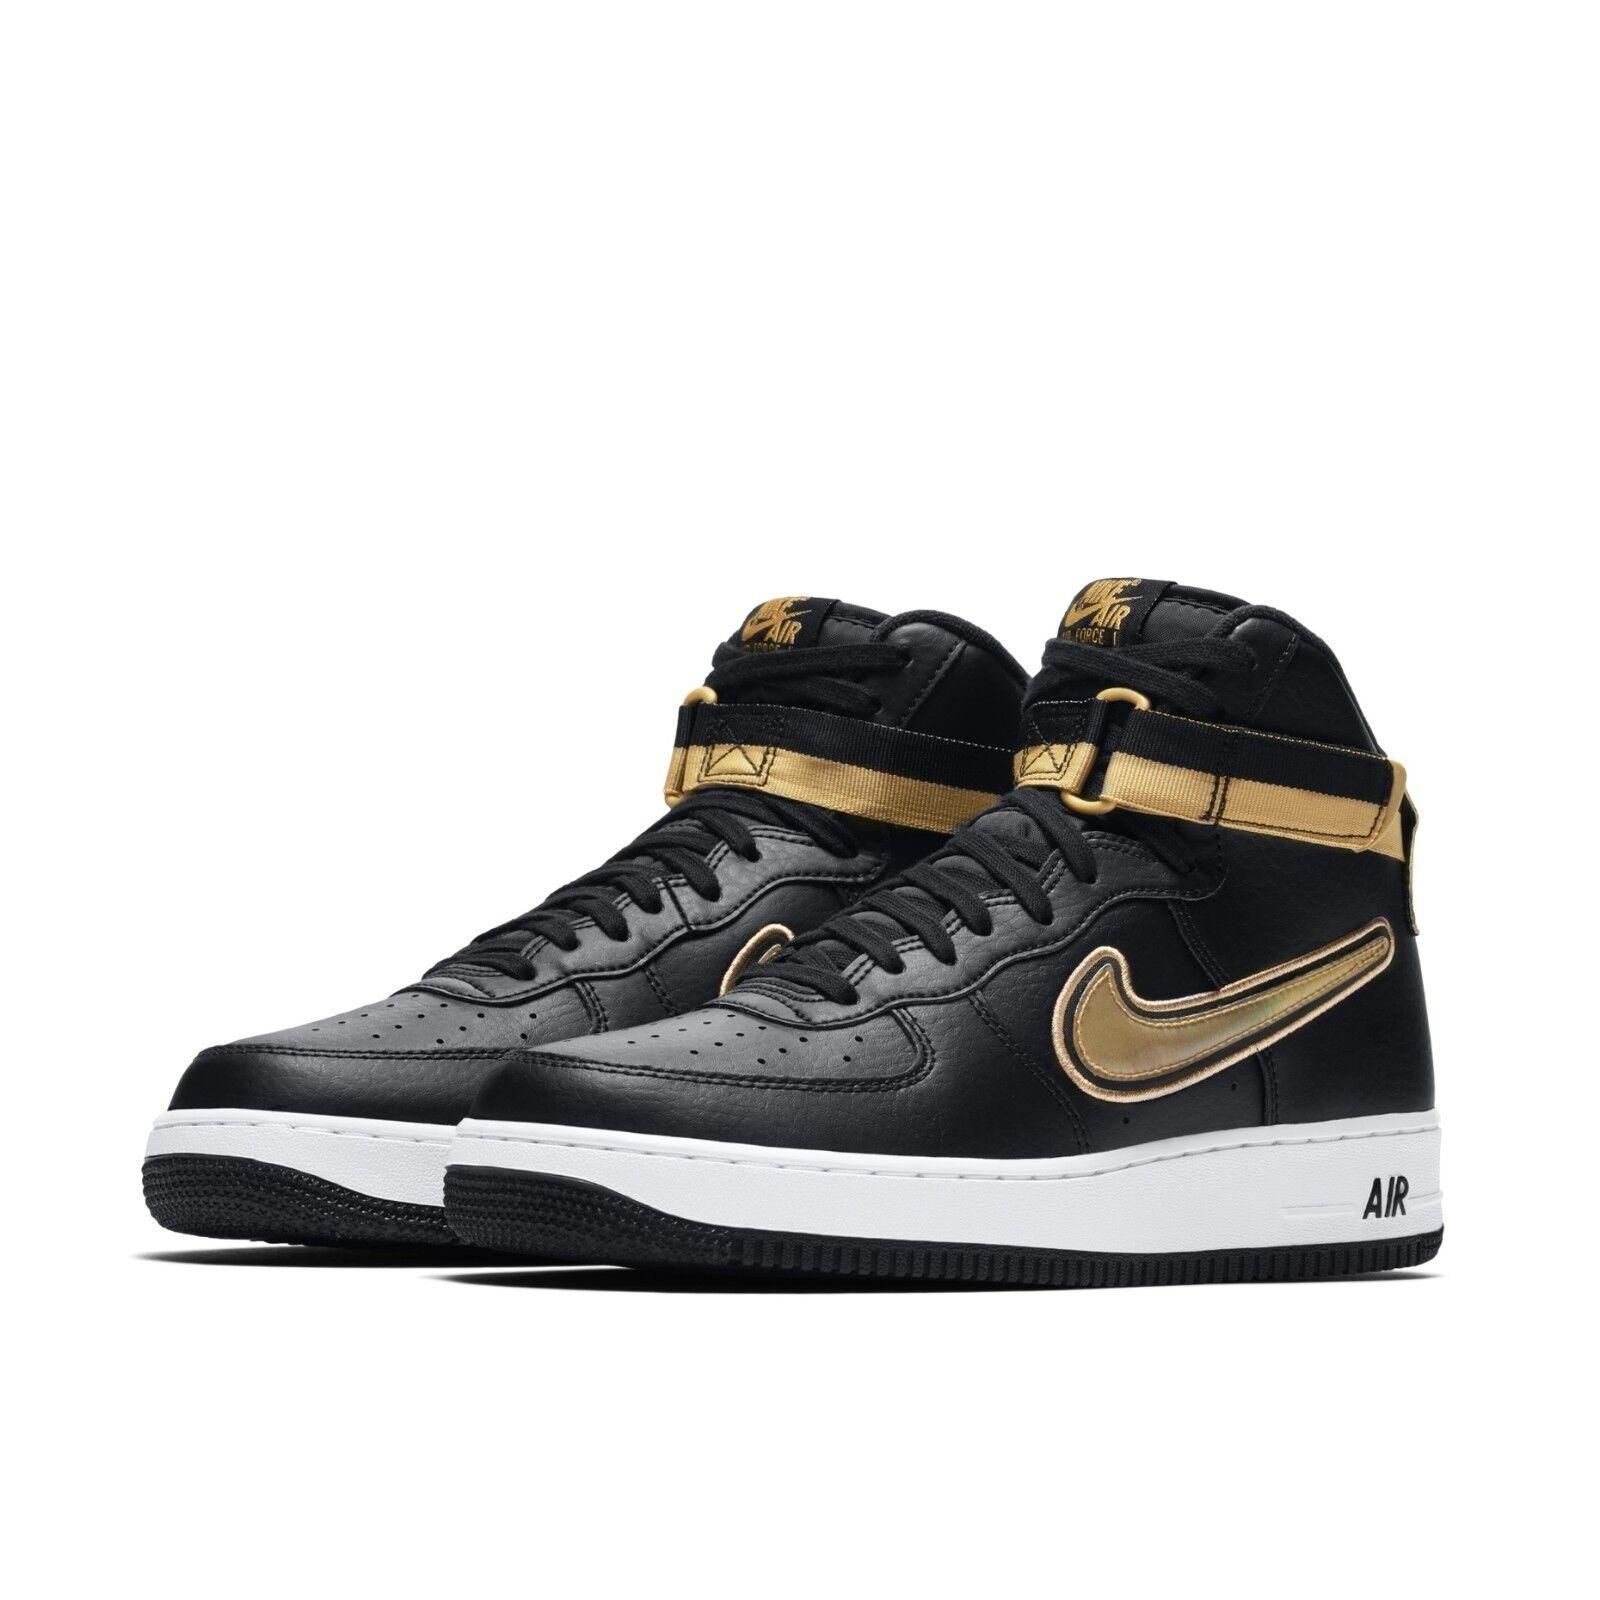 Details about Nike Mens Air Force 1 High 07 LV8 Sport AF1 NBA Black  Metallic Gold AV3938-001